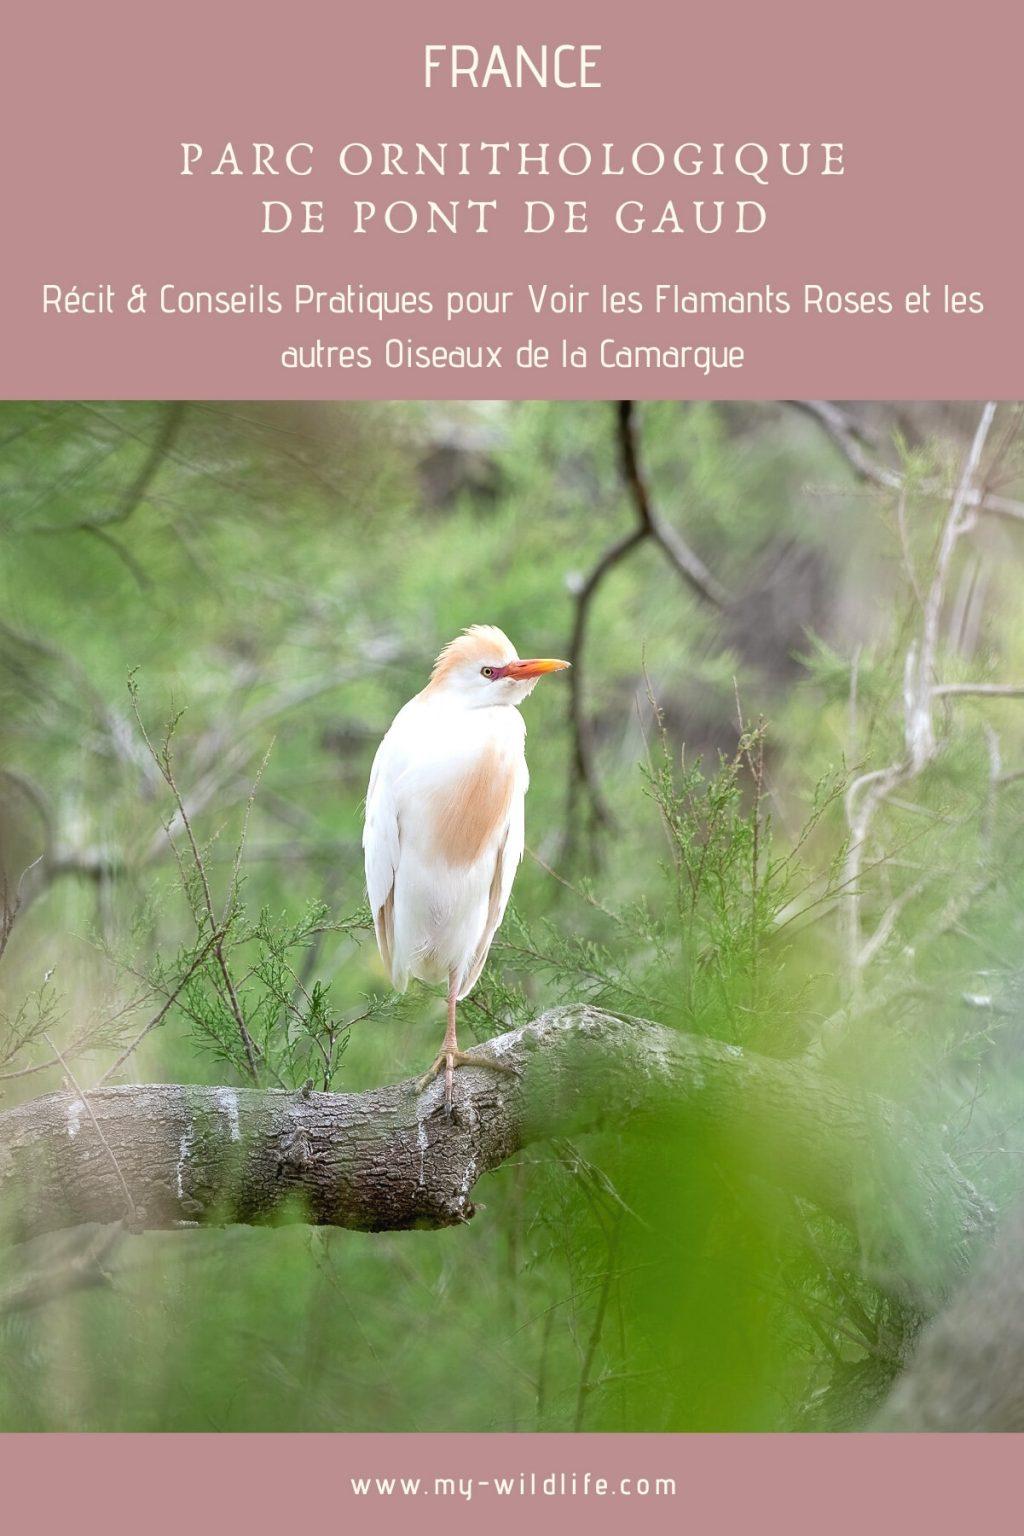 Parc ornithologique de Pont de Gaud